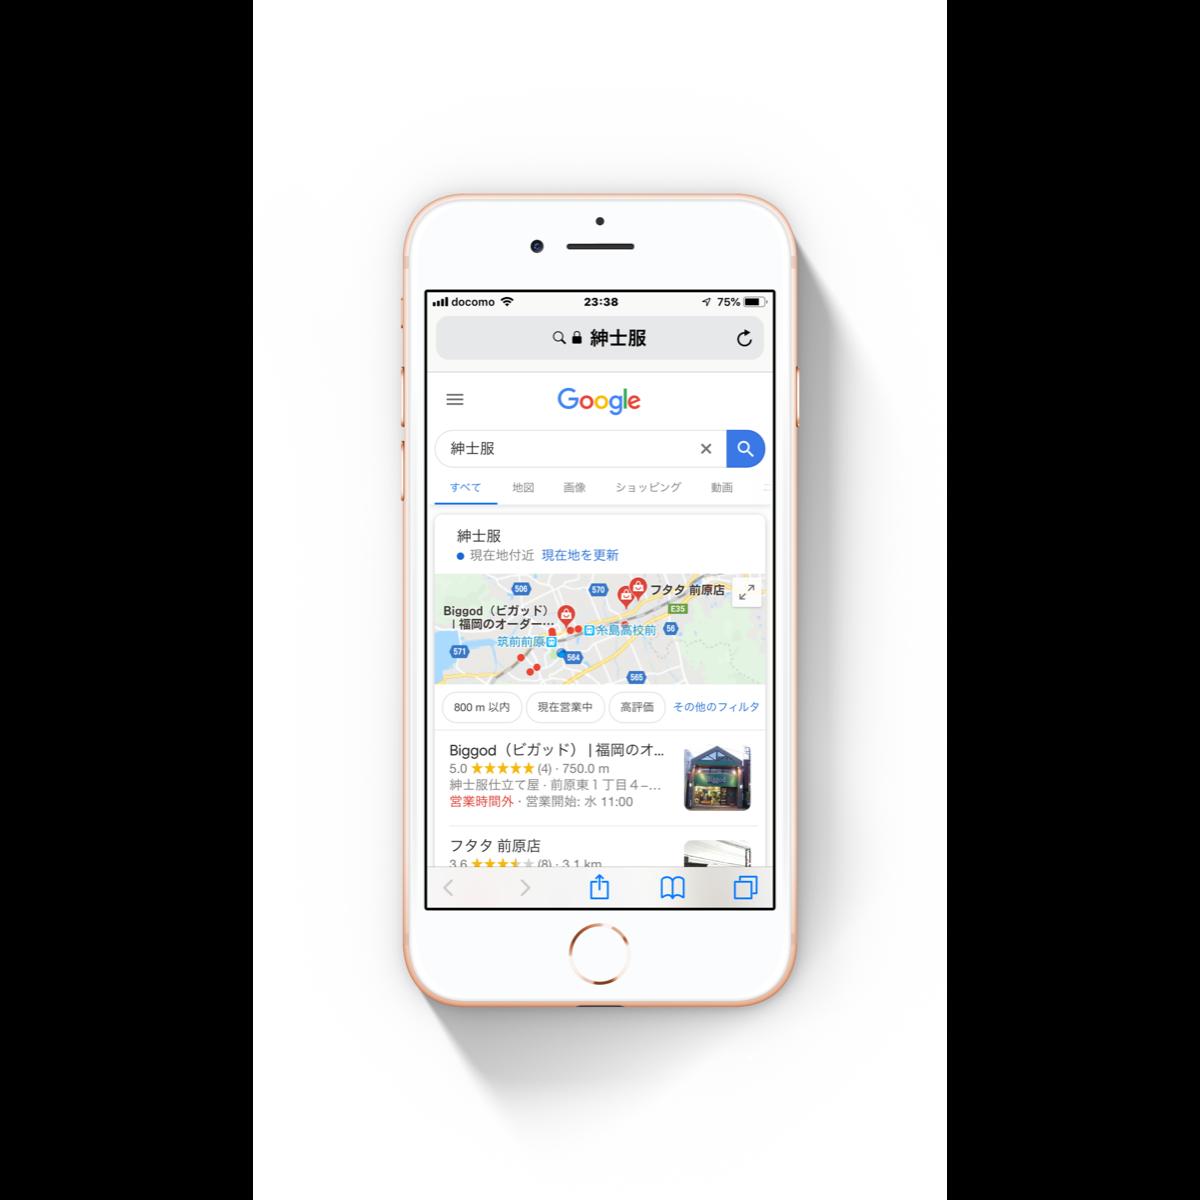 ローカル店舗における集客には、ホームページ以上にマップ対策が重要!